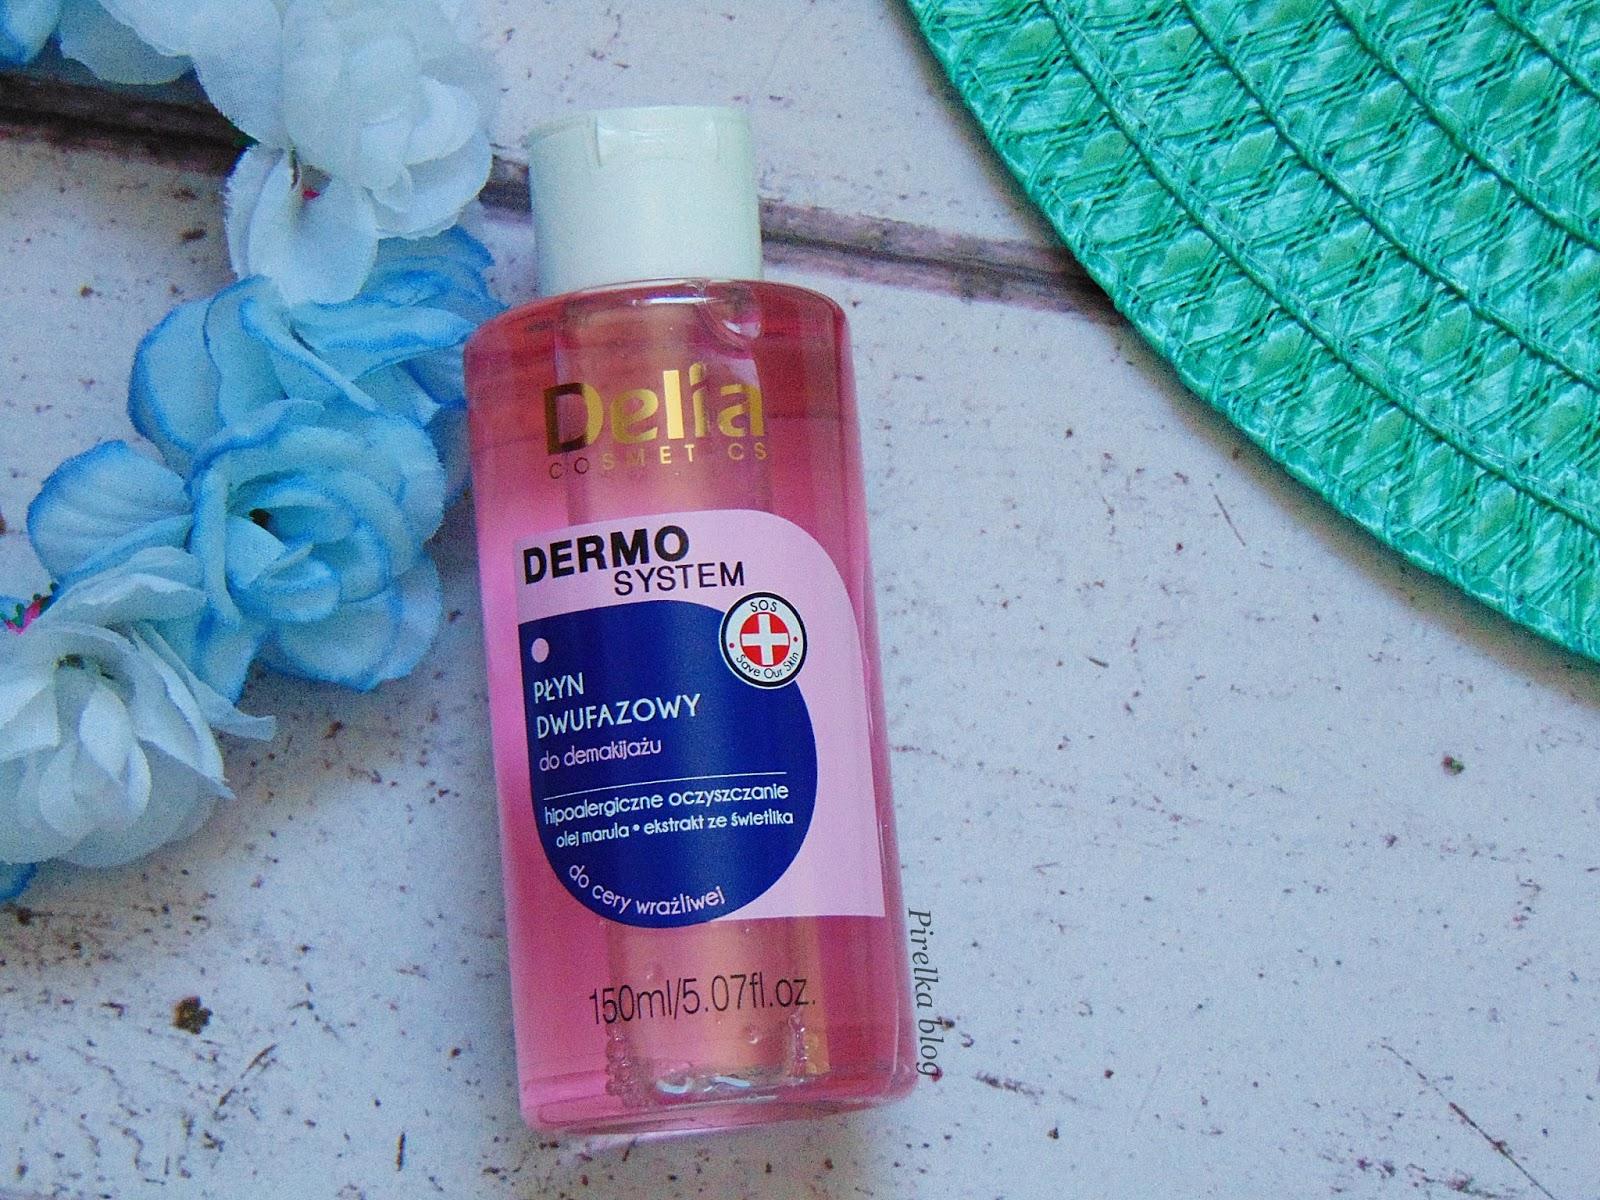 Delia, Dermo System- Płyn dwufazowy do demakijażu